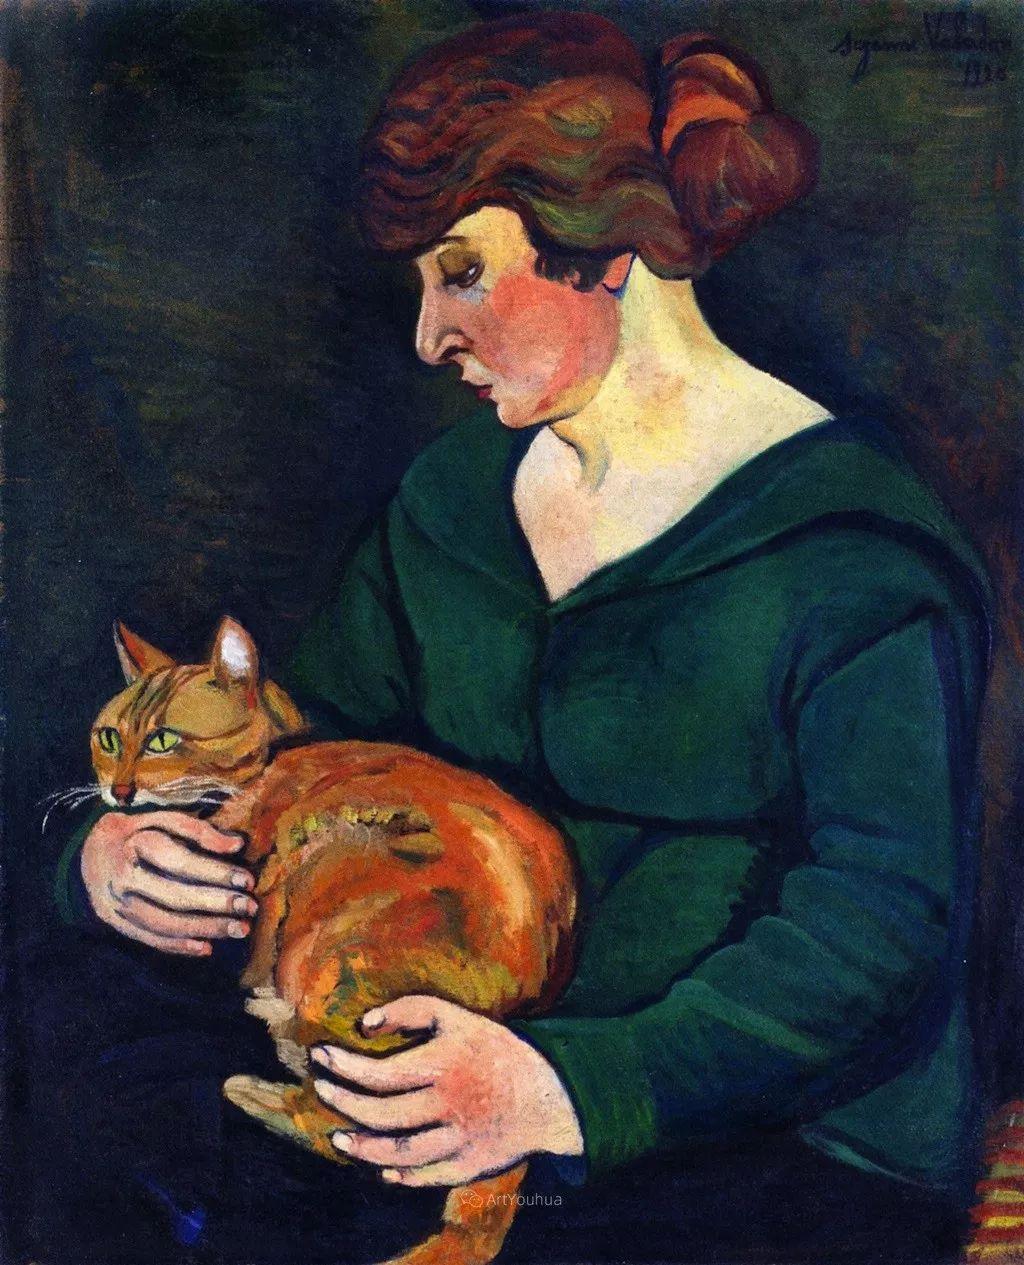 法国美术家协会第一个女性成员——苏珊娜·瓦拉东插图13